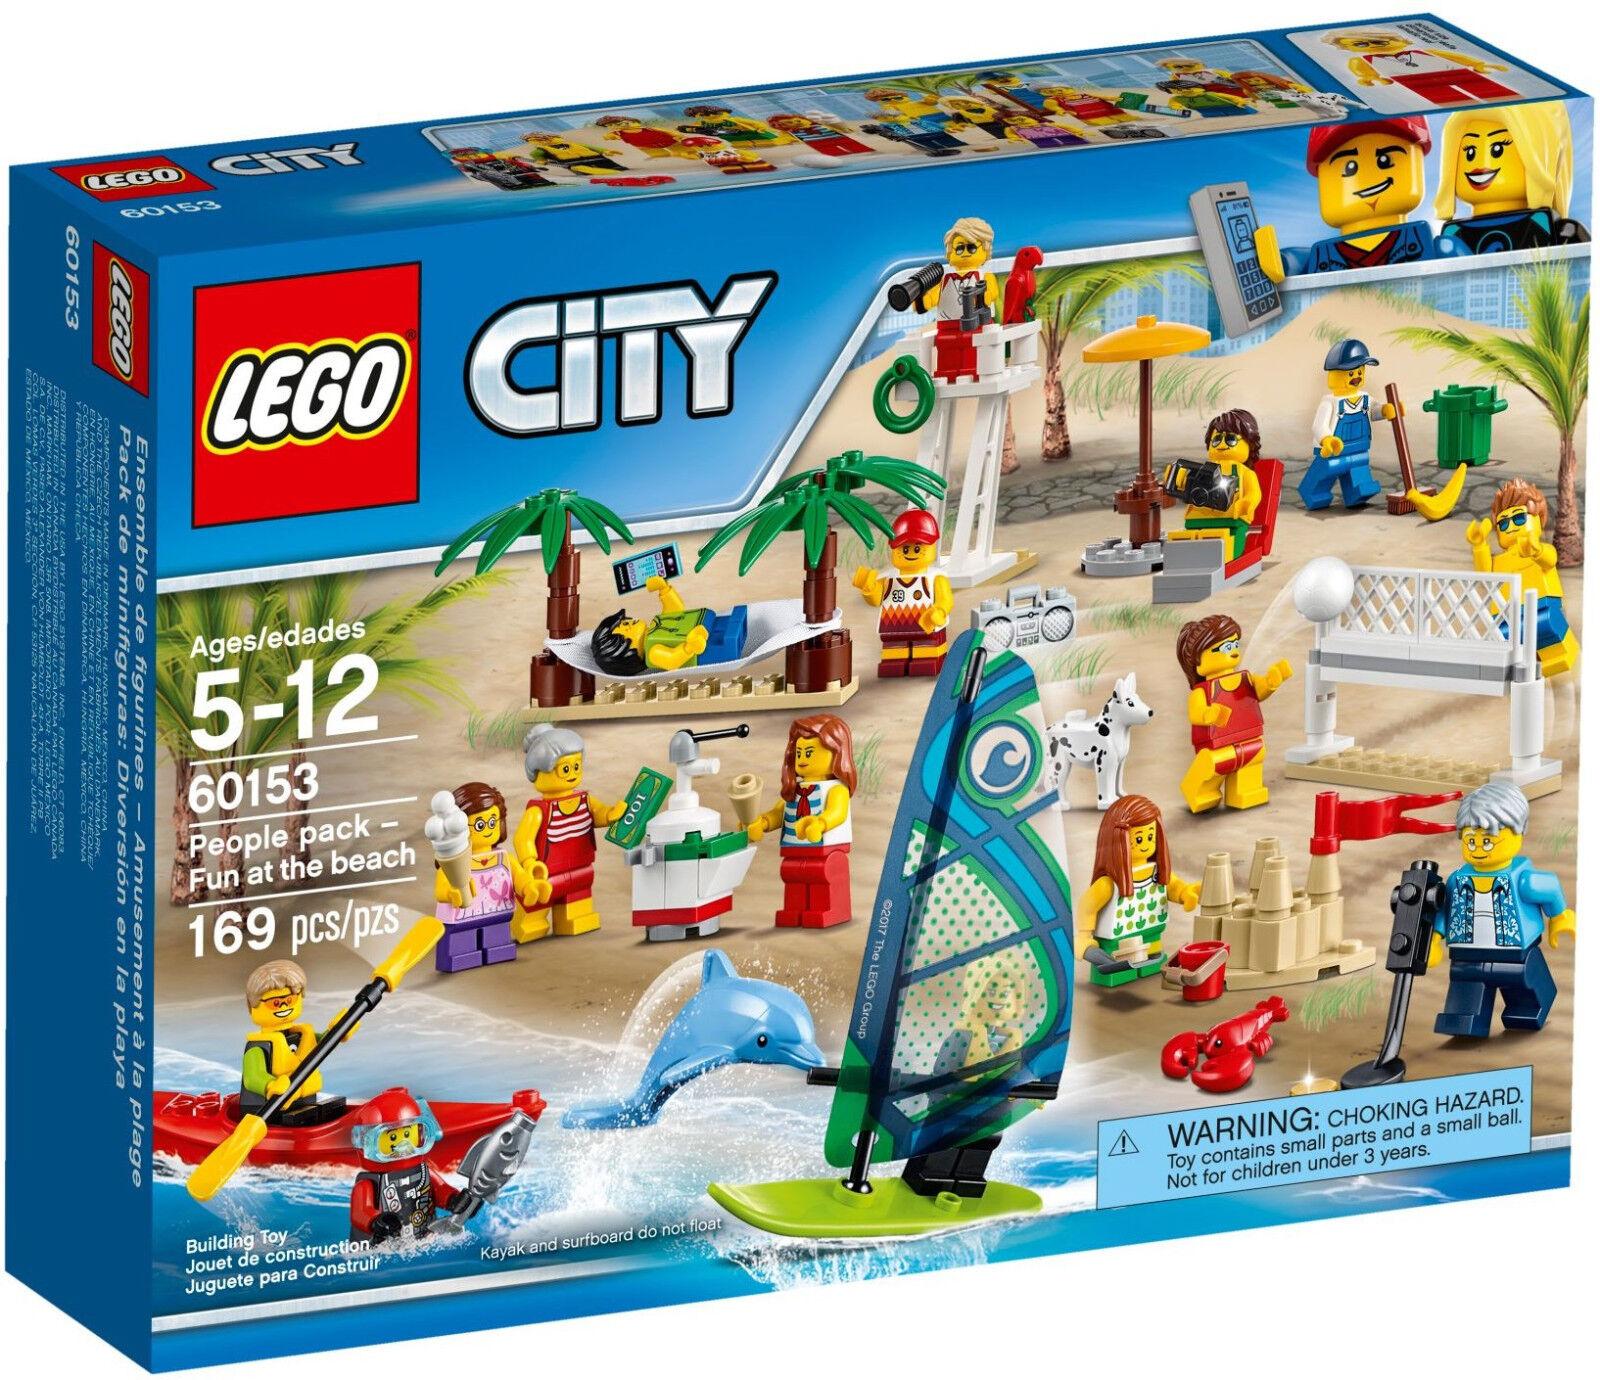 Lego City - 60153 citadins-un jour à la la la plage-NEUF & neuf dans sa boîte 51ee29